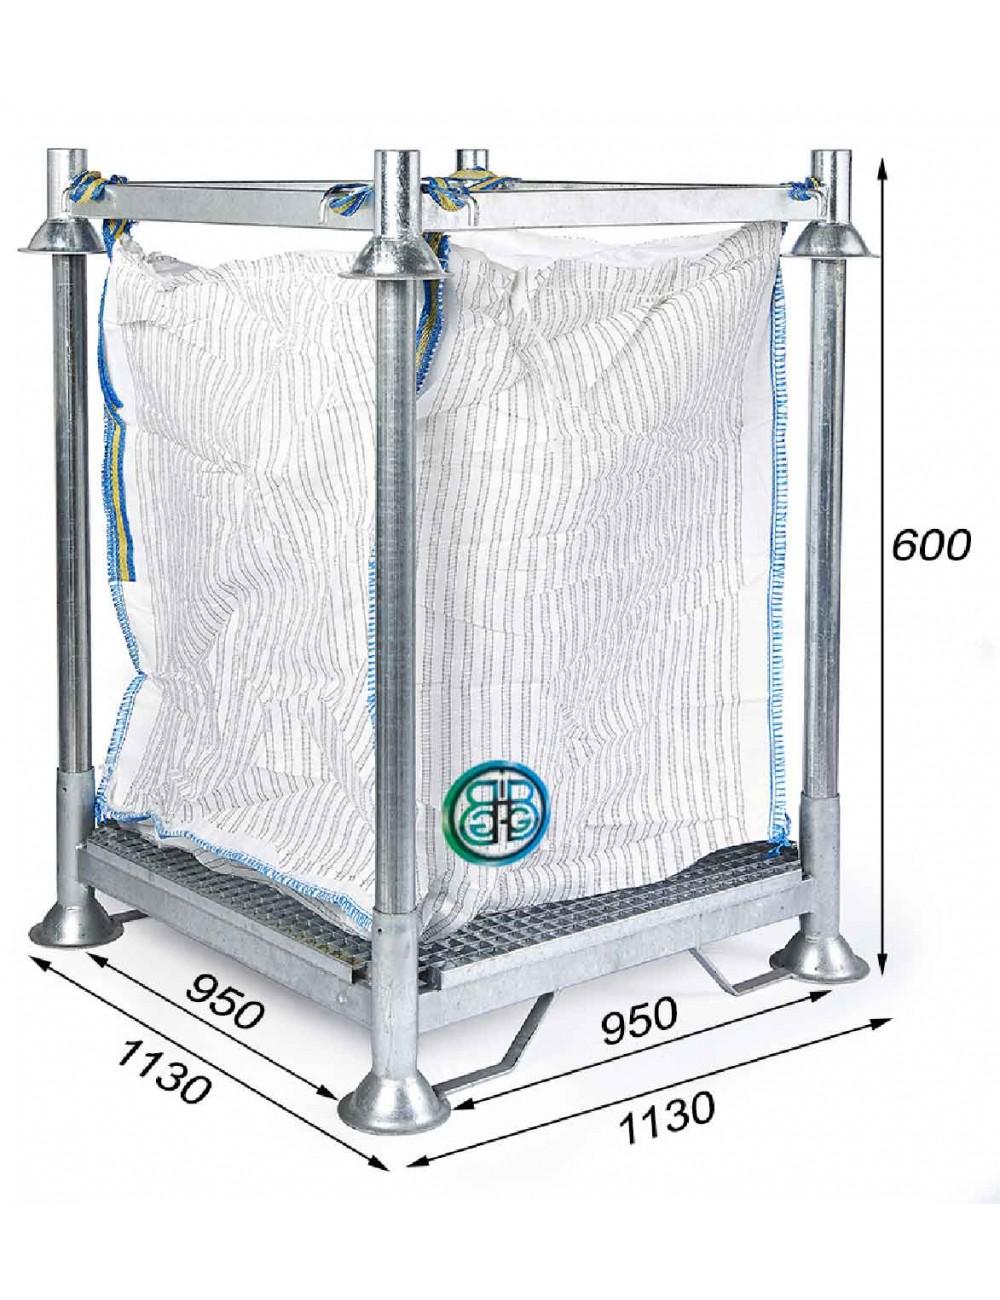 Telaio di supporto per Big Bag Filtrazione, altezza 60,0 cm